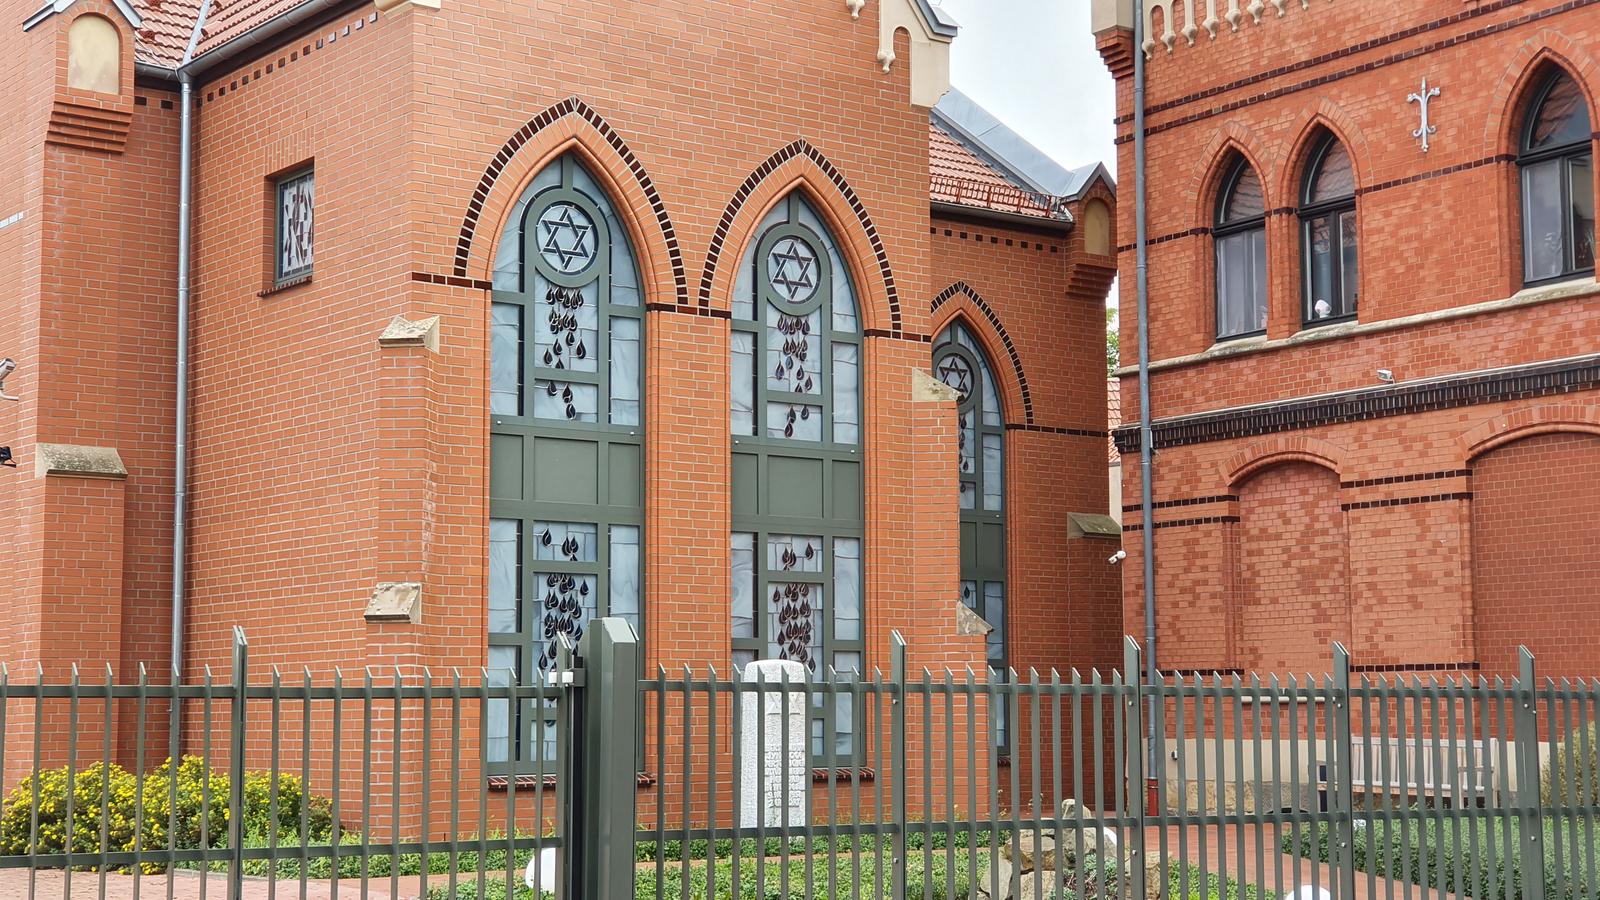 Synagoge von Herford, Synagogen in Ostwestfalen, Sehenswürdigkeiten im Teutoburger Wald